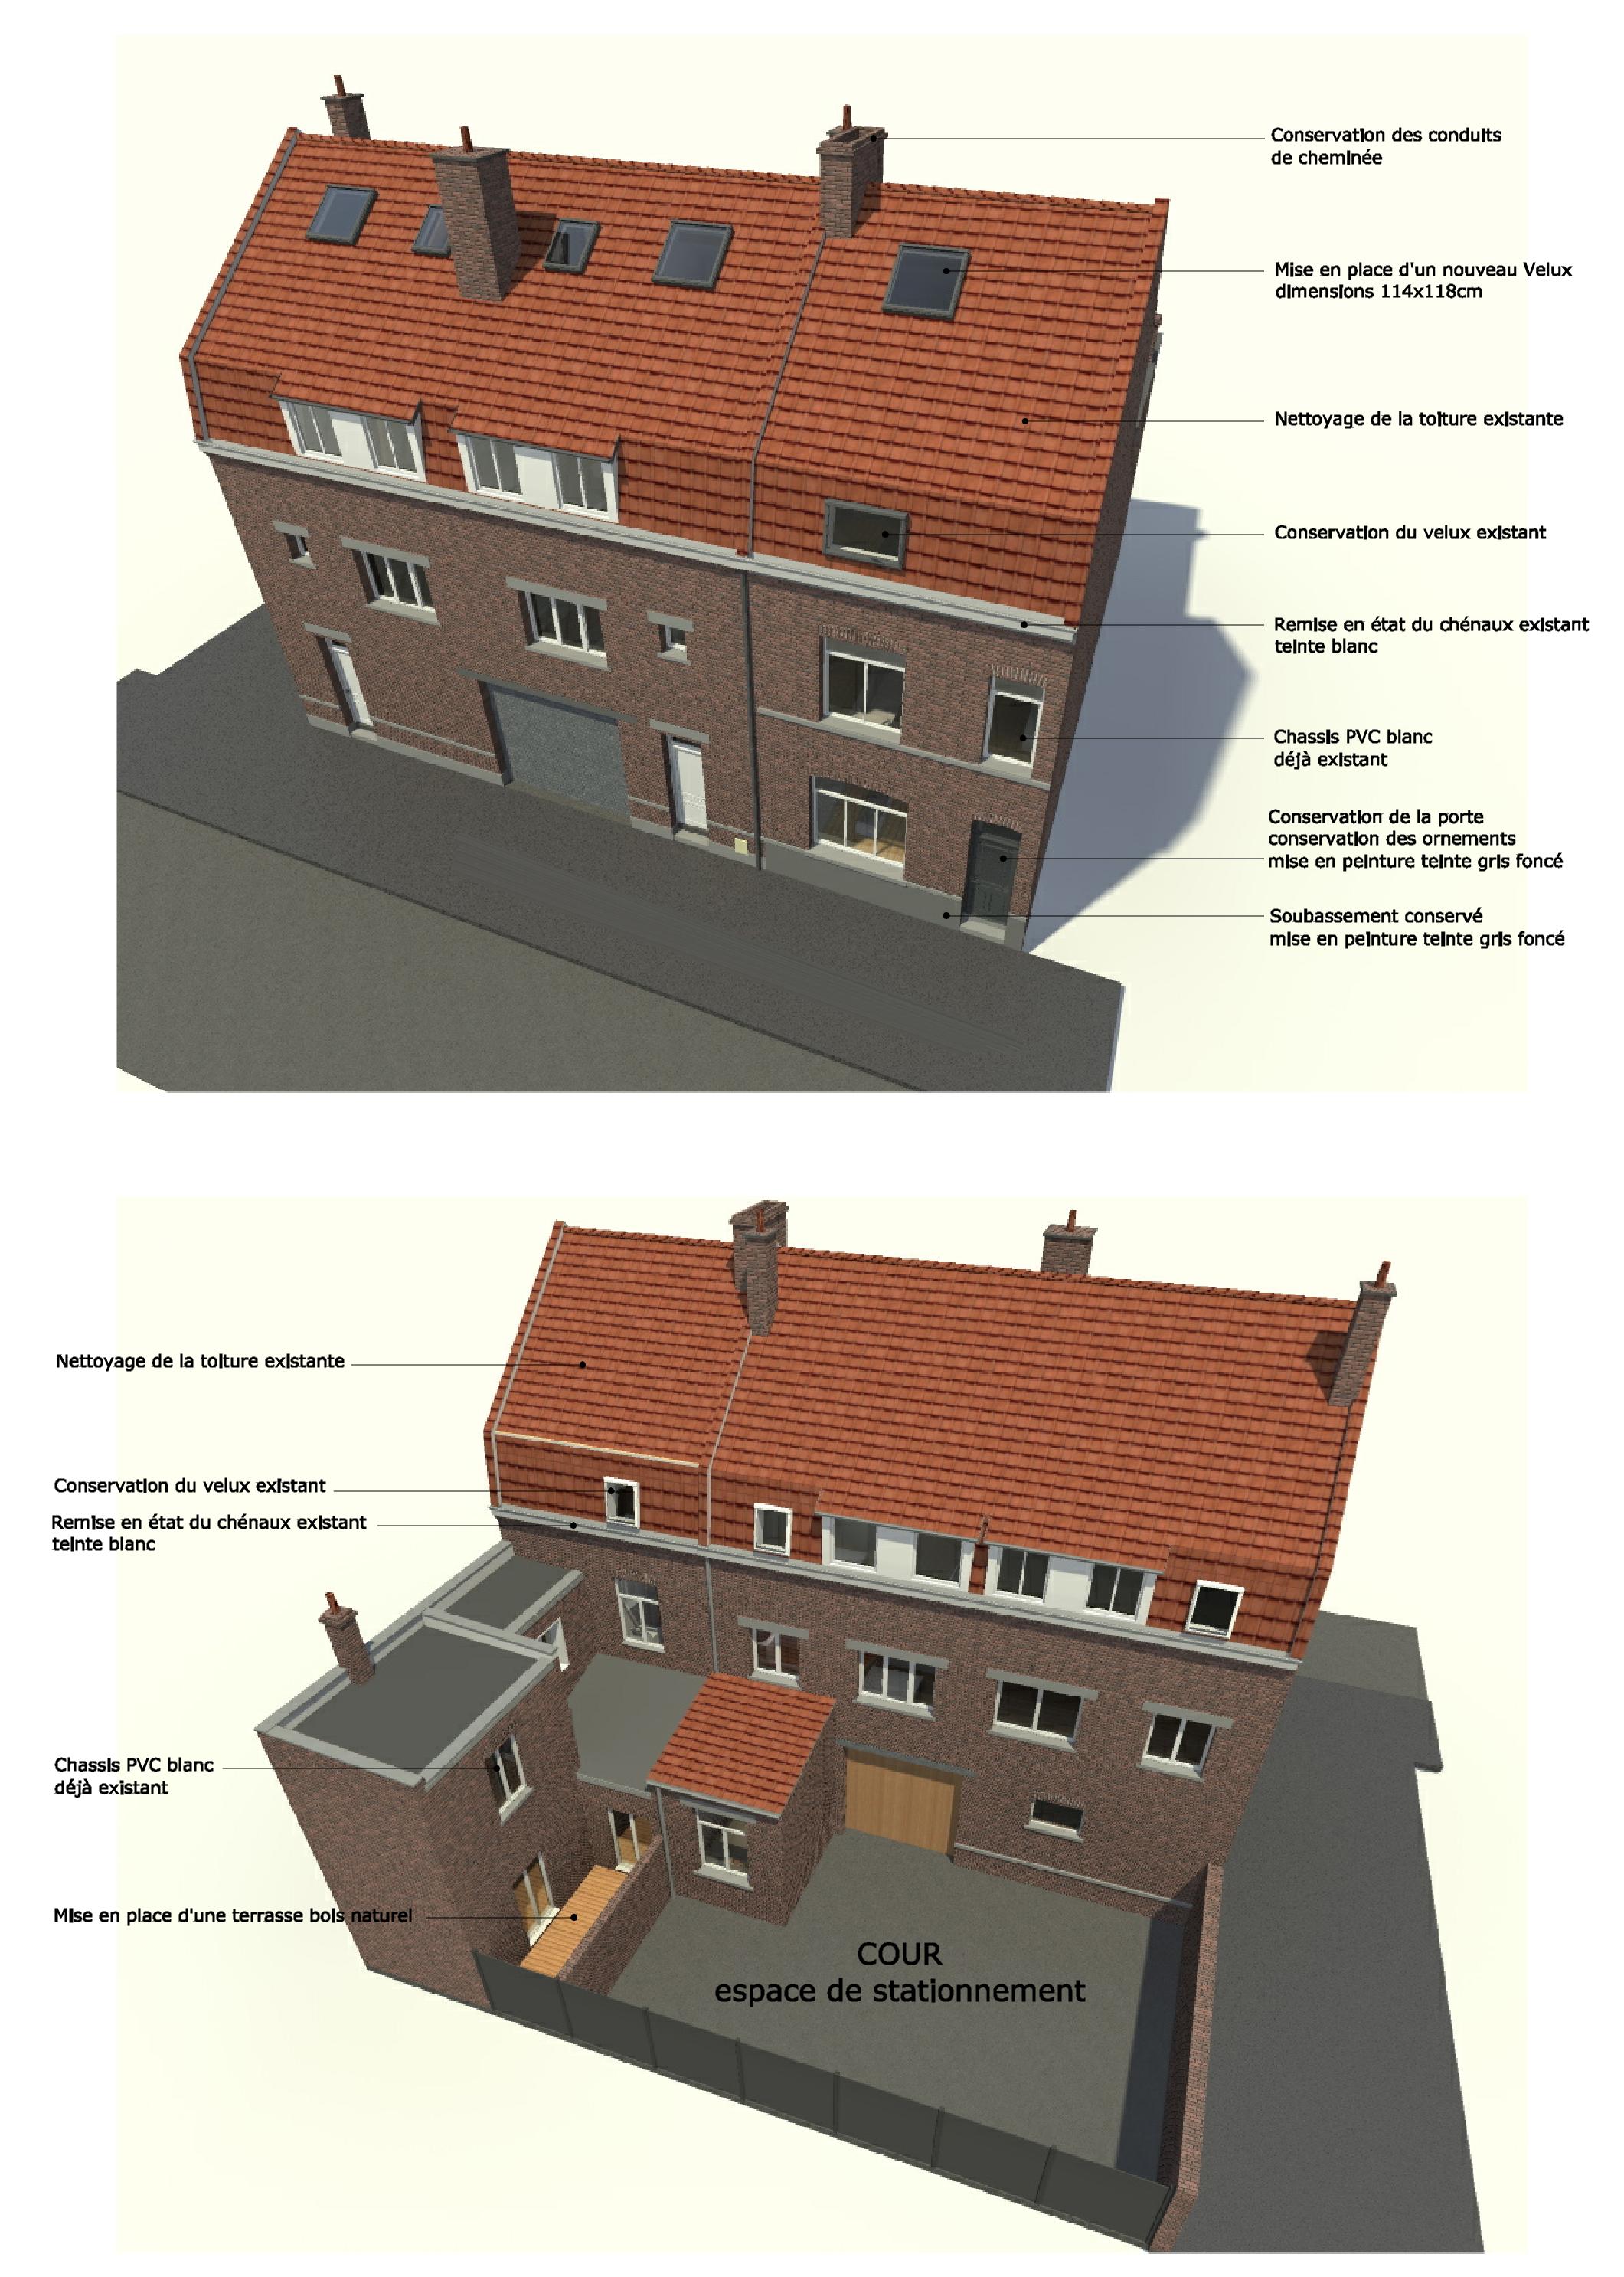 16.03 Atelier permis de construire nord maison La Chapelle d'Armentières3